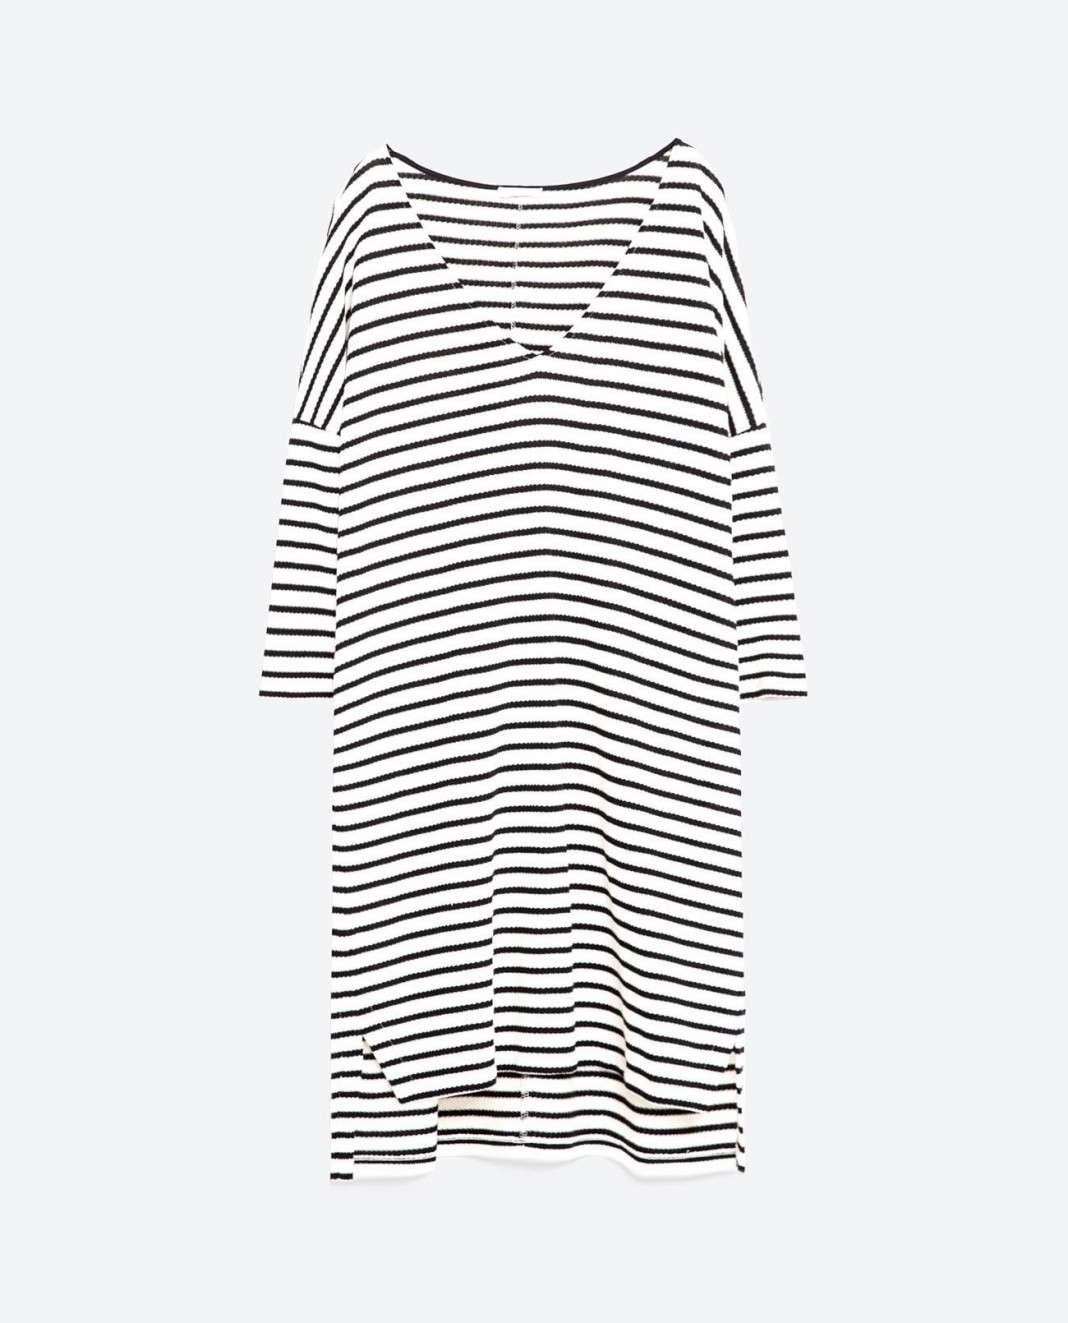 vestidos de Zara para el verano 2016 rayas